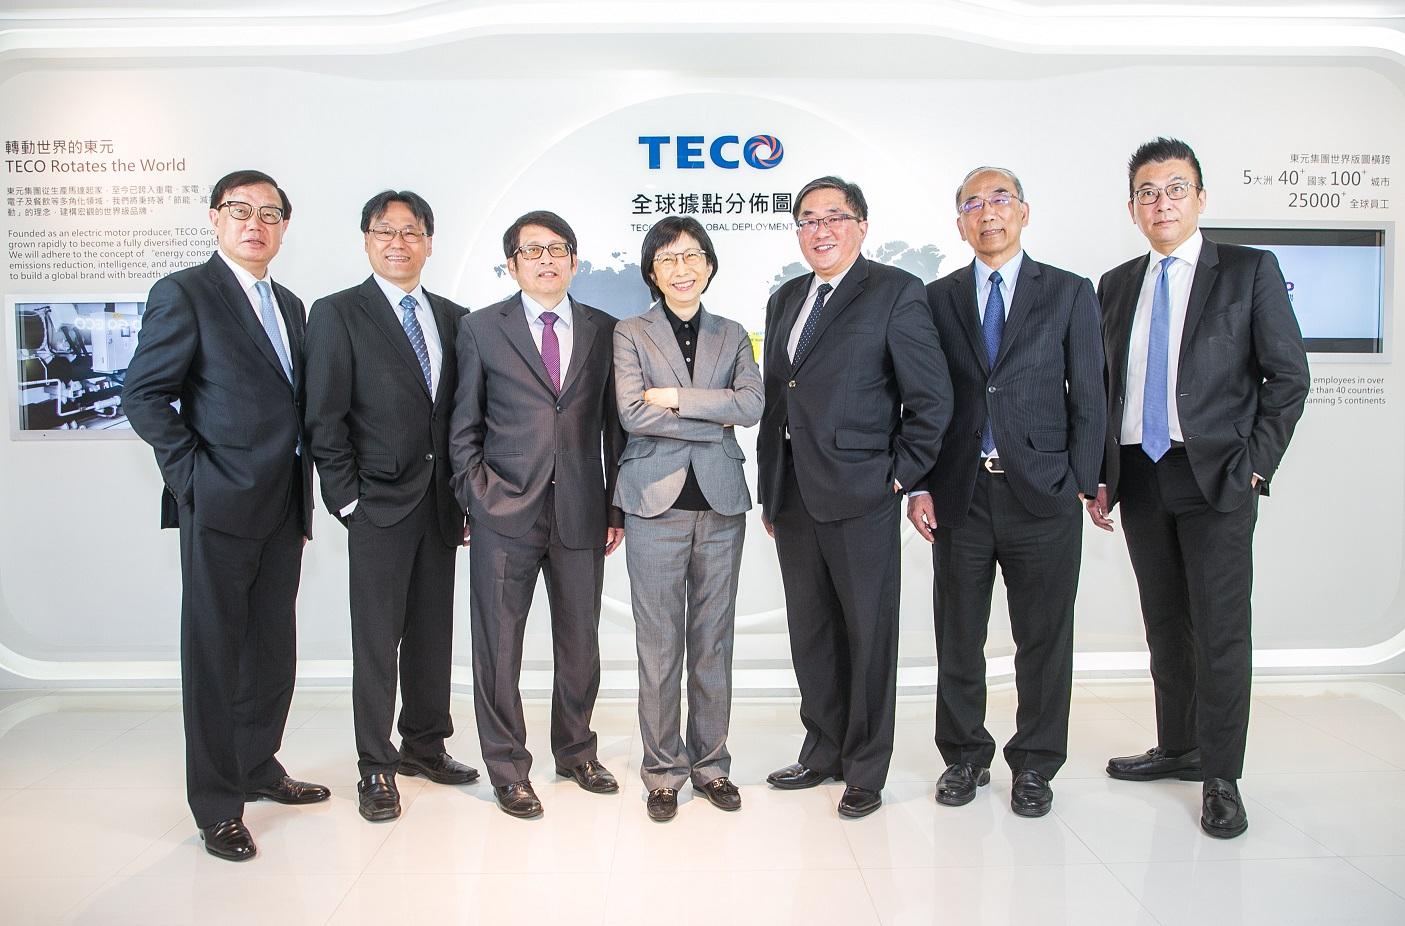 邱纯枝带领东元高阶团队亮相  瞄准机电、能源、空调三大发展领域